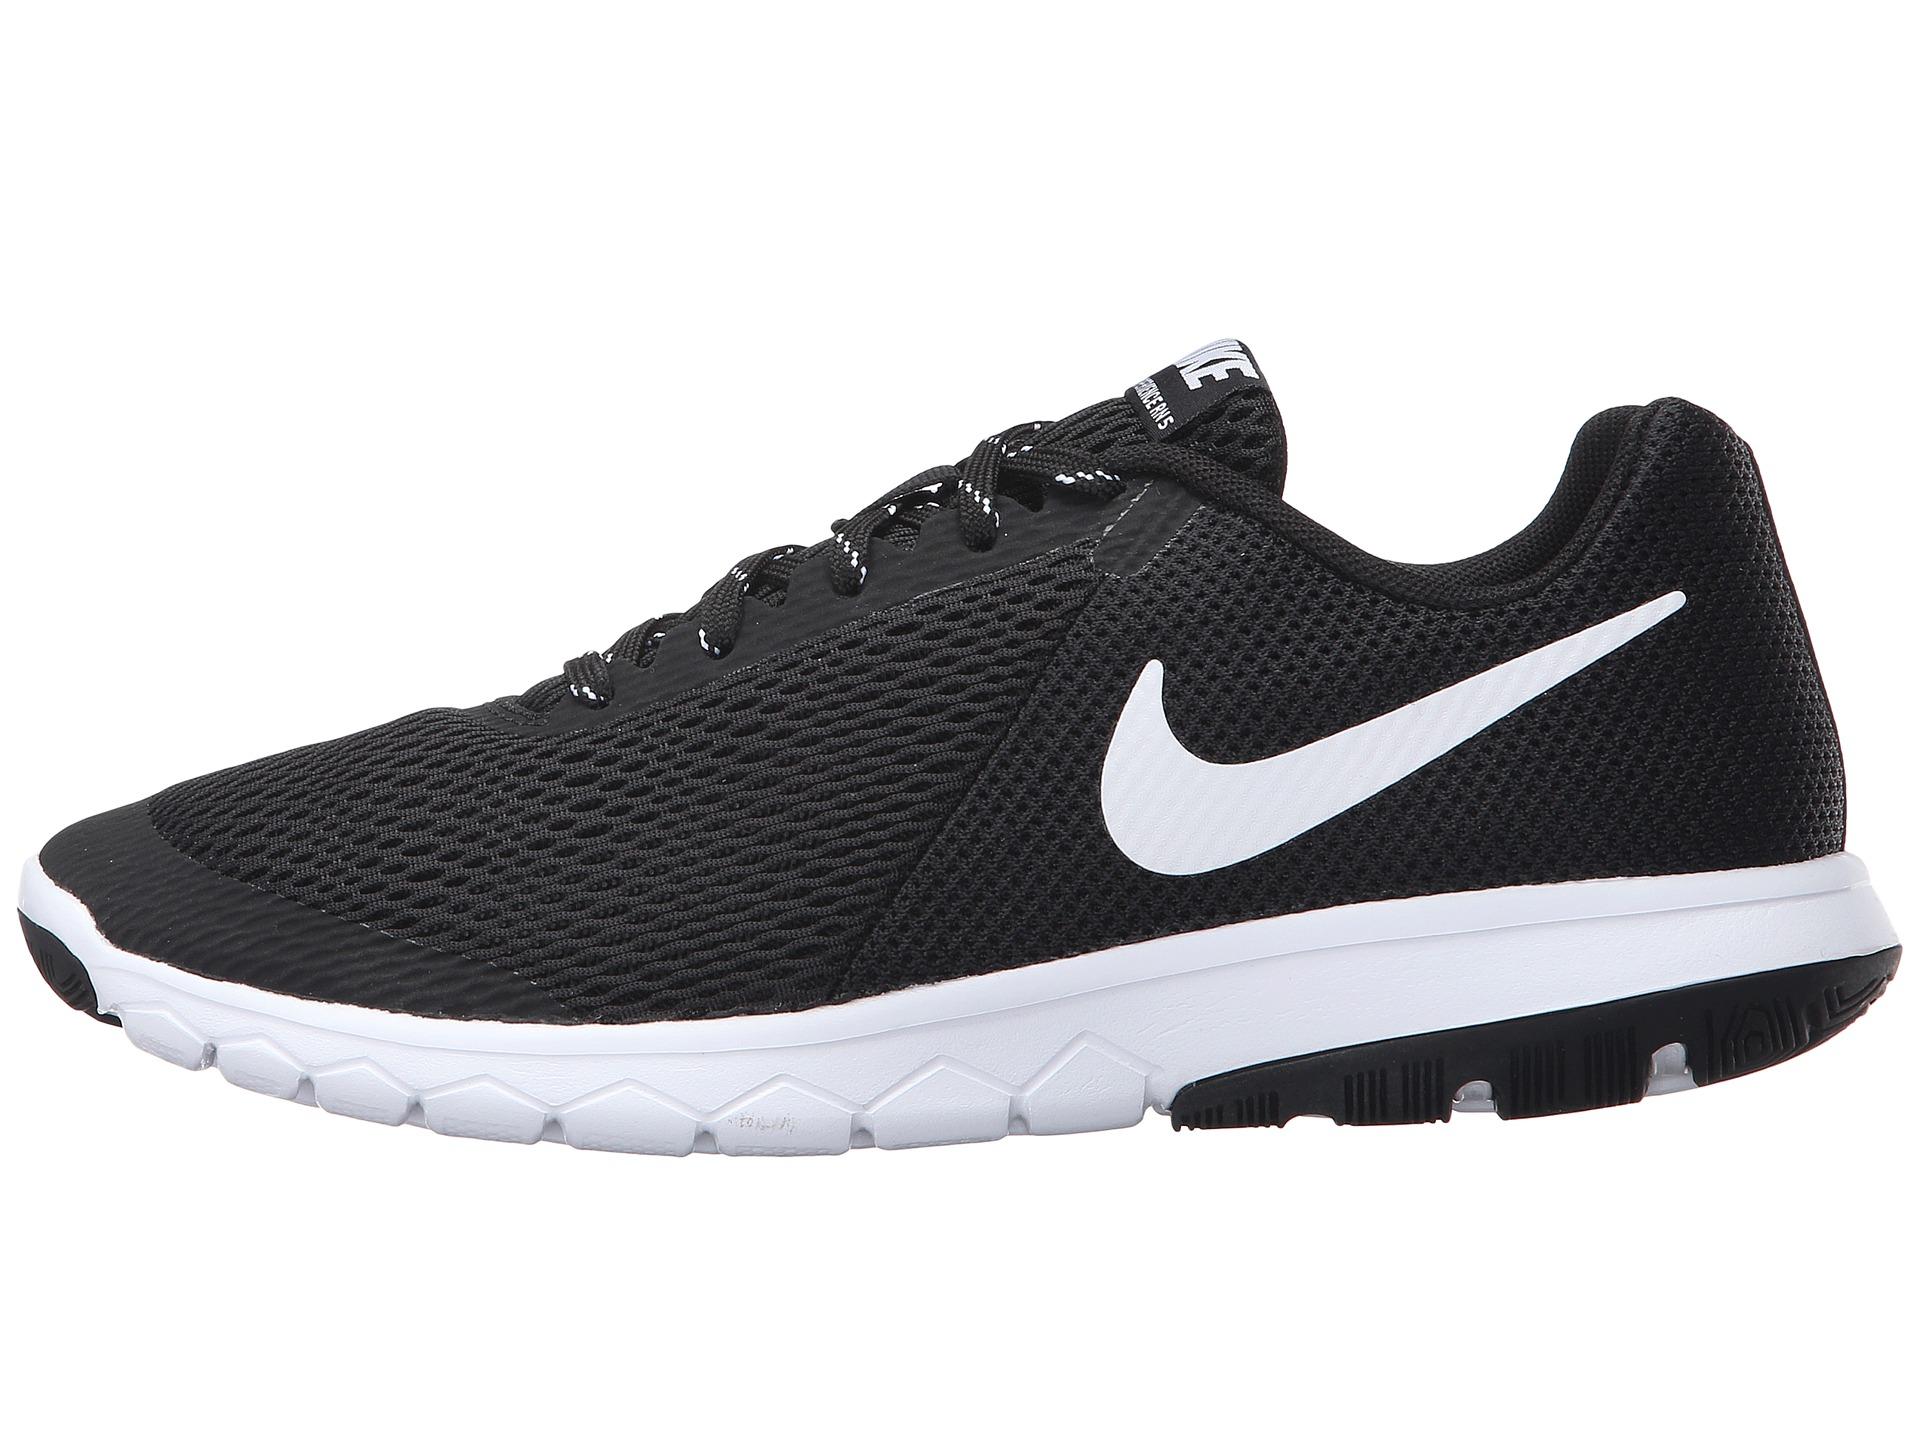 c14c06ffb811 Nike Air Zoom Pegasus 33 Release Casual Shoes For Mens